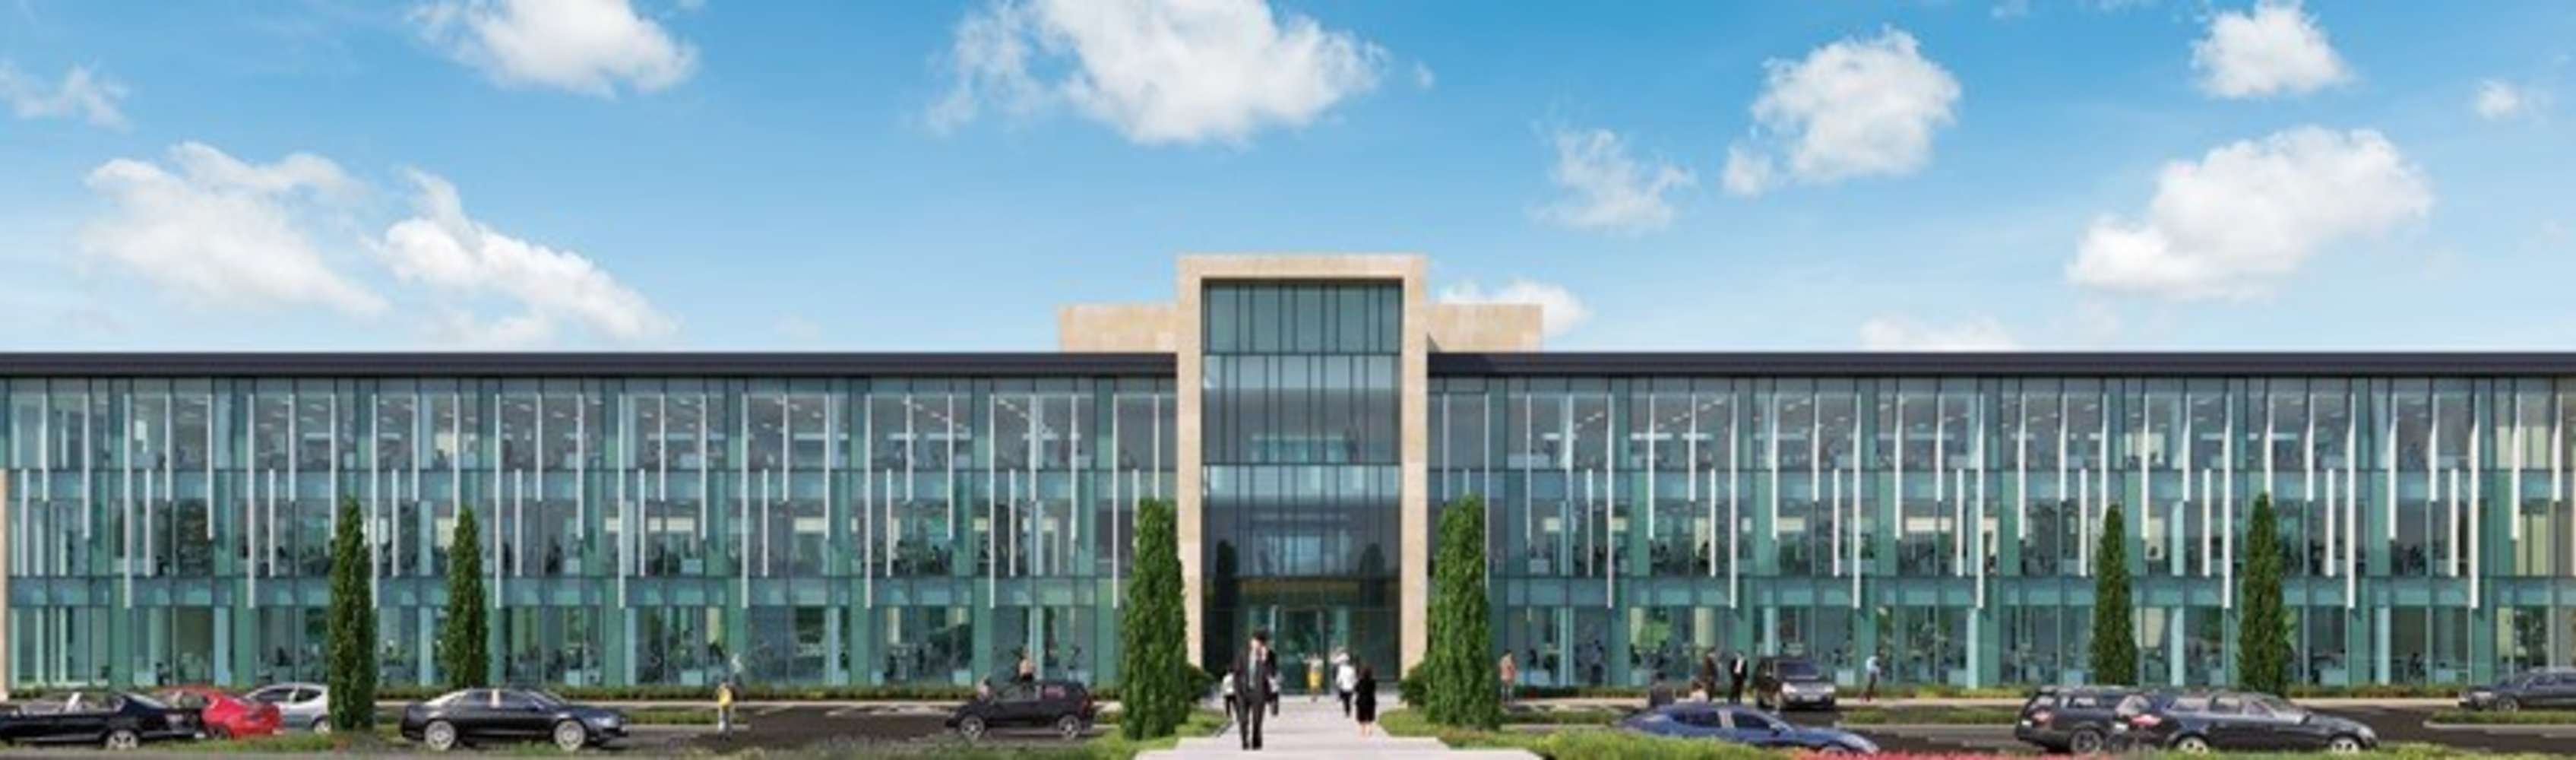 Office Dublin 24, D24 X7FT - 6, 7 & 8 Waterside